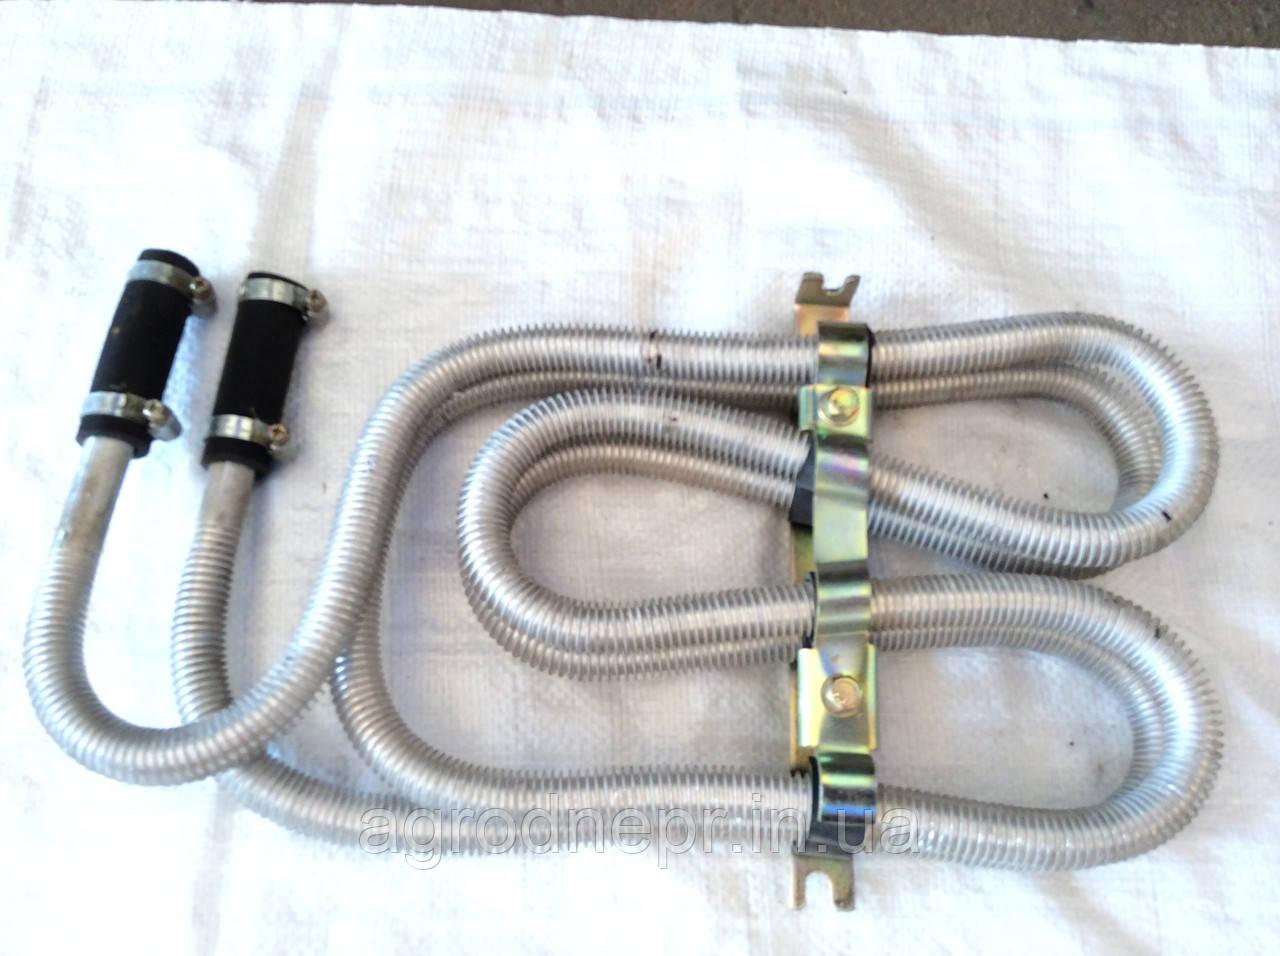 Радиатор масляный в сборе Т-40 двигатель Д-144 Д37Е-14052